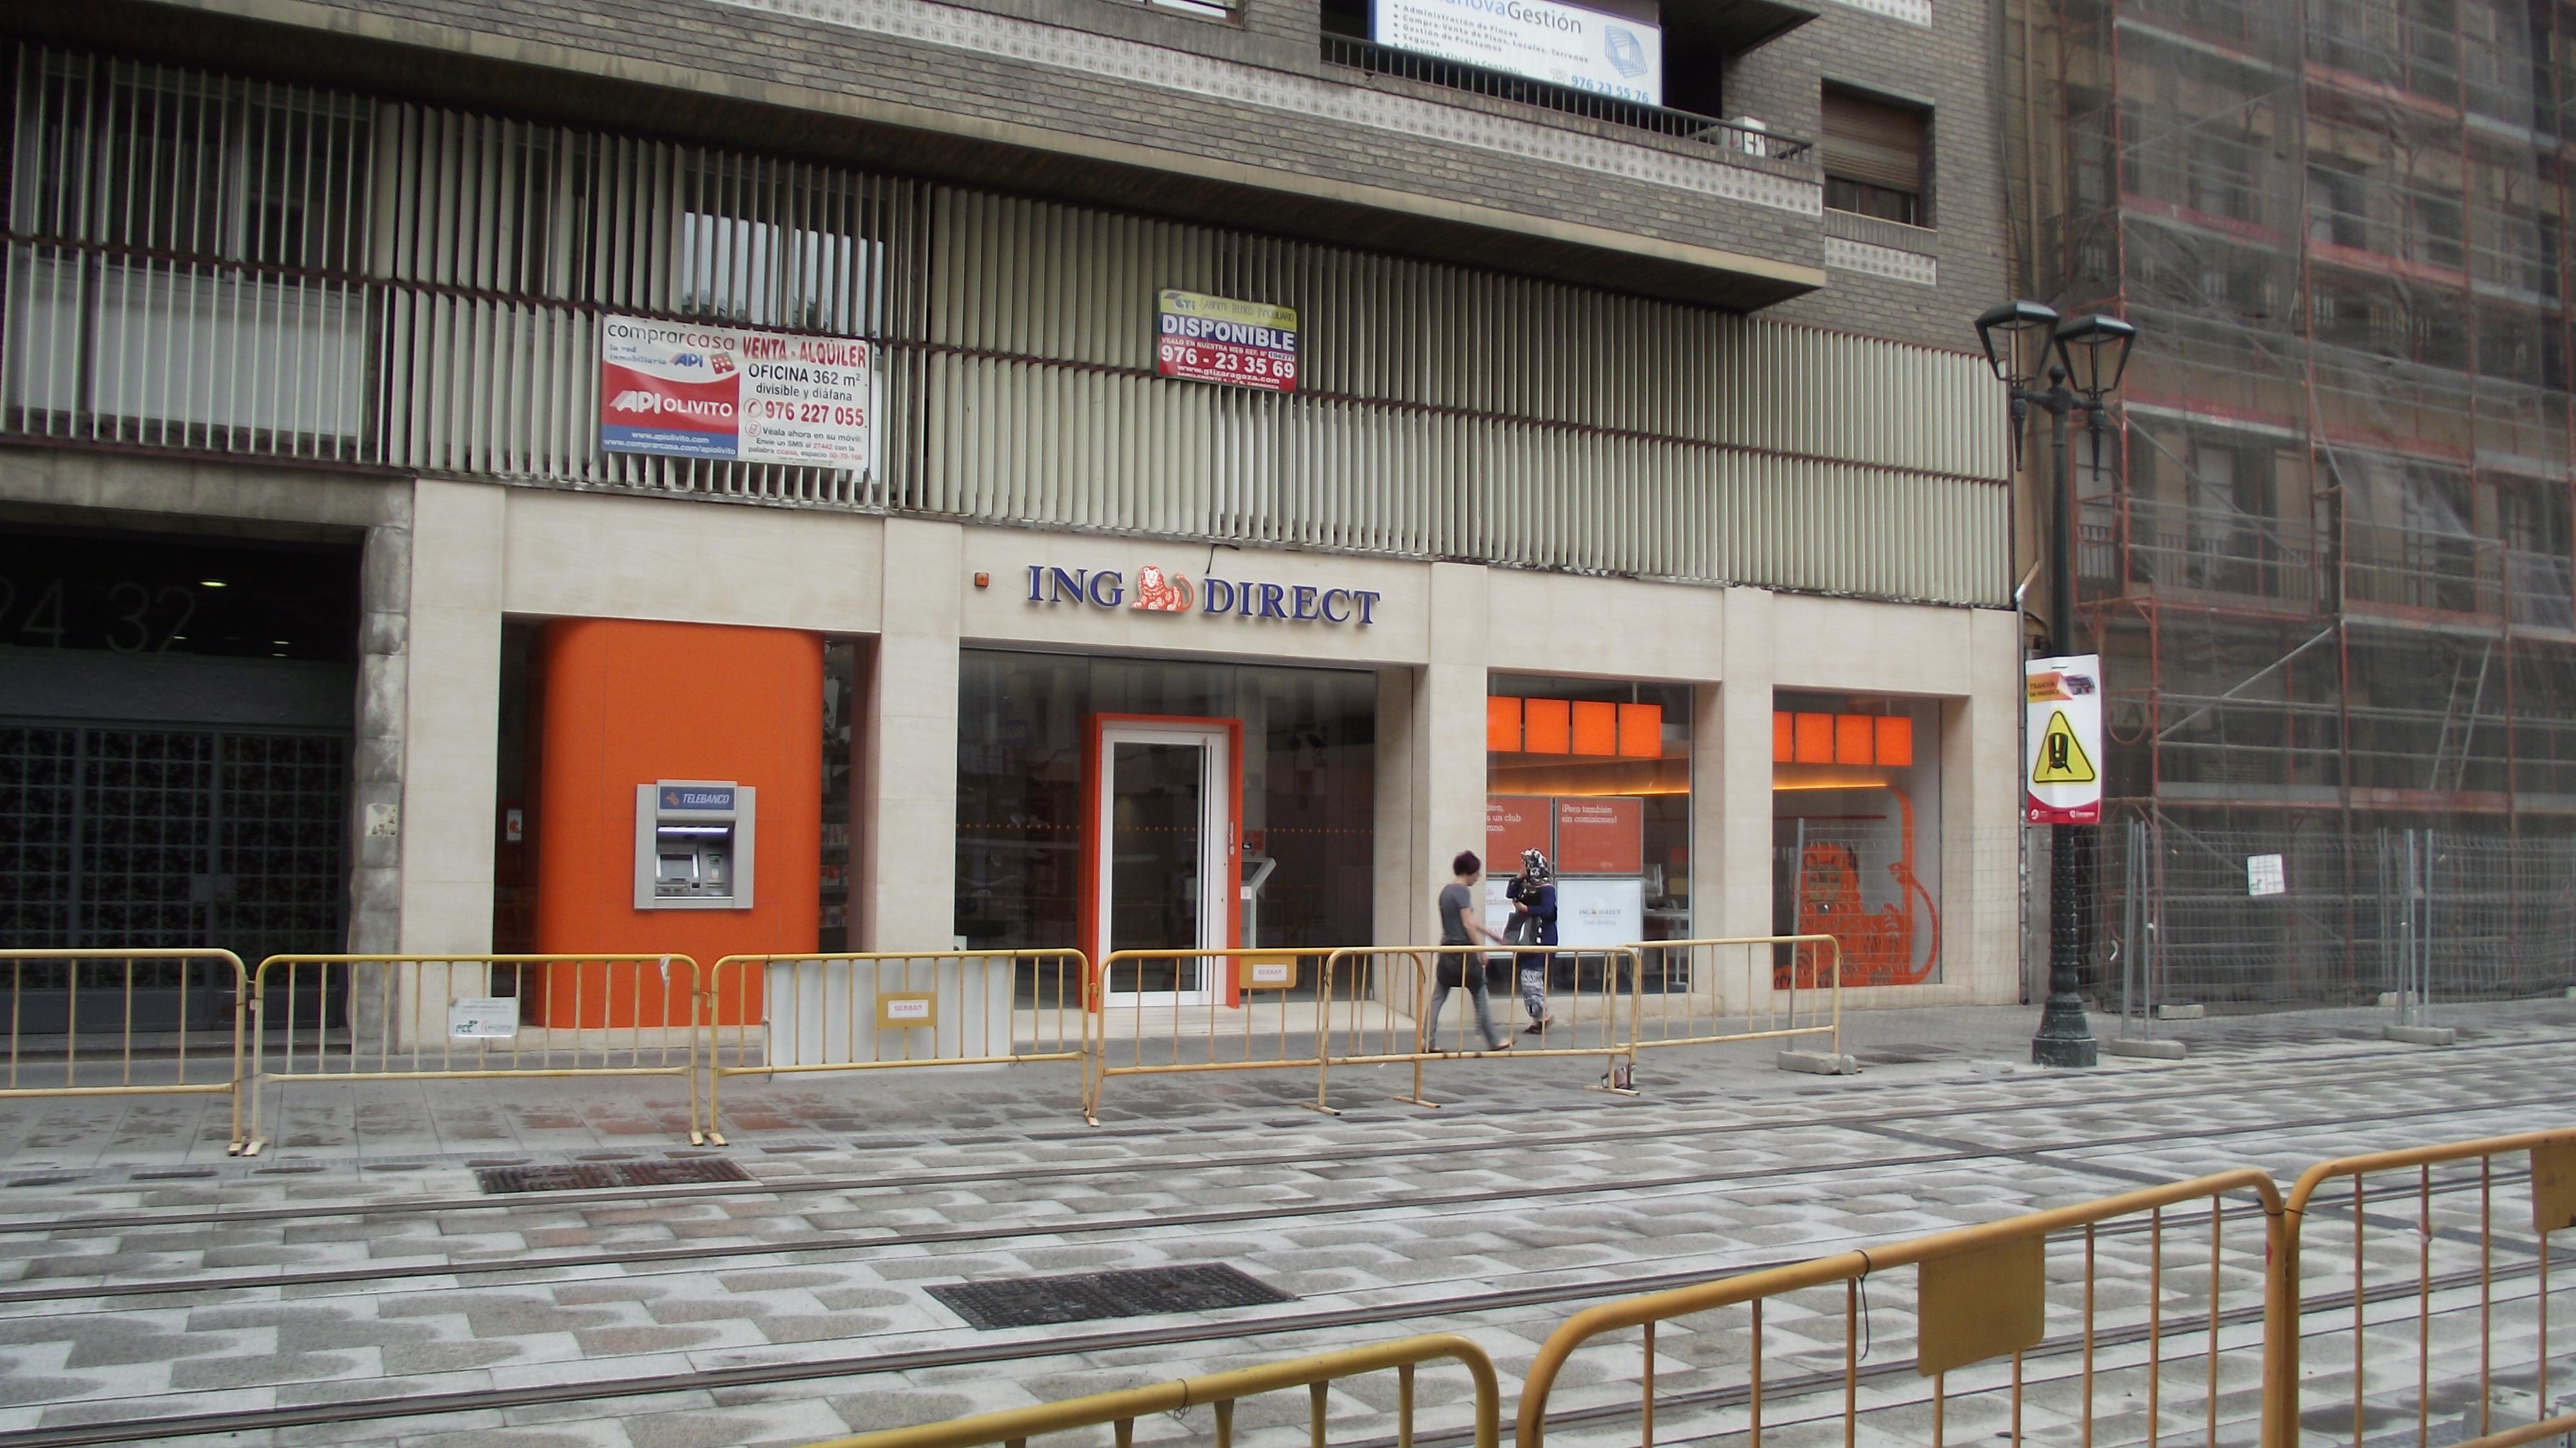 File:Ing bank in Zaragoza.JPG - Wikimedia Commons